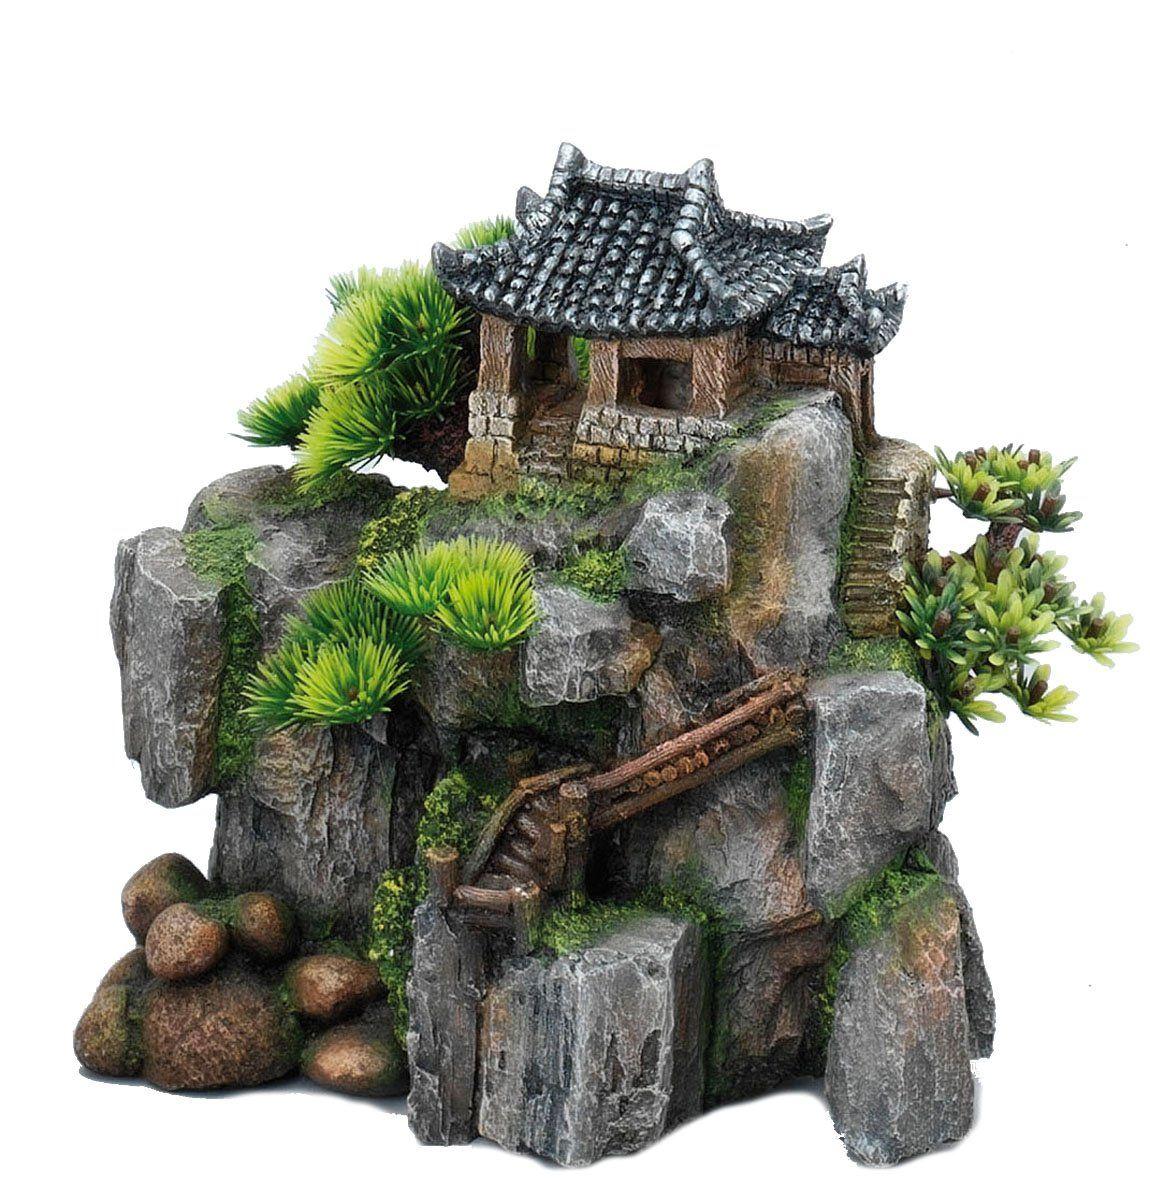 Europet Bernina 234 194706 Decor Korean Cottage 23 X 13 5 X 22 Cm Amazon De Haustier Aquarium Deko Haustierbedarf Terrarium